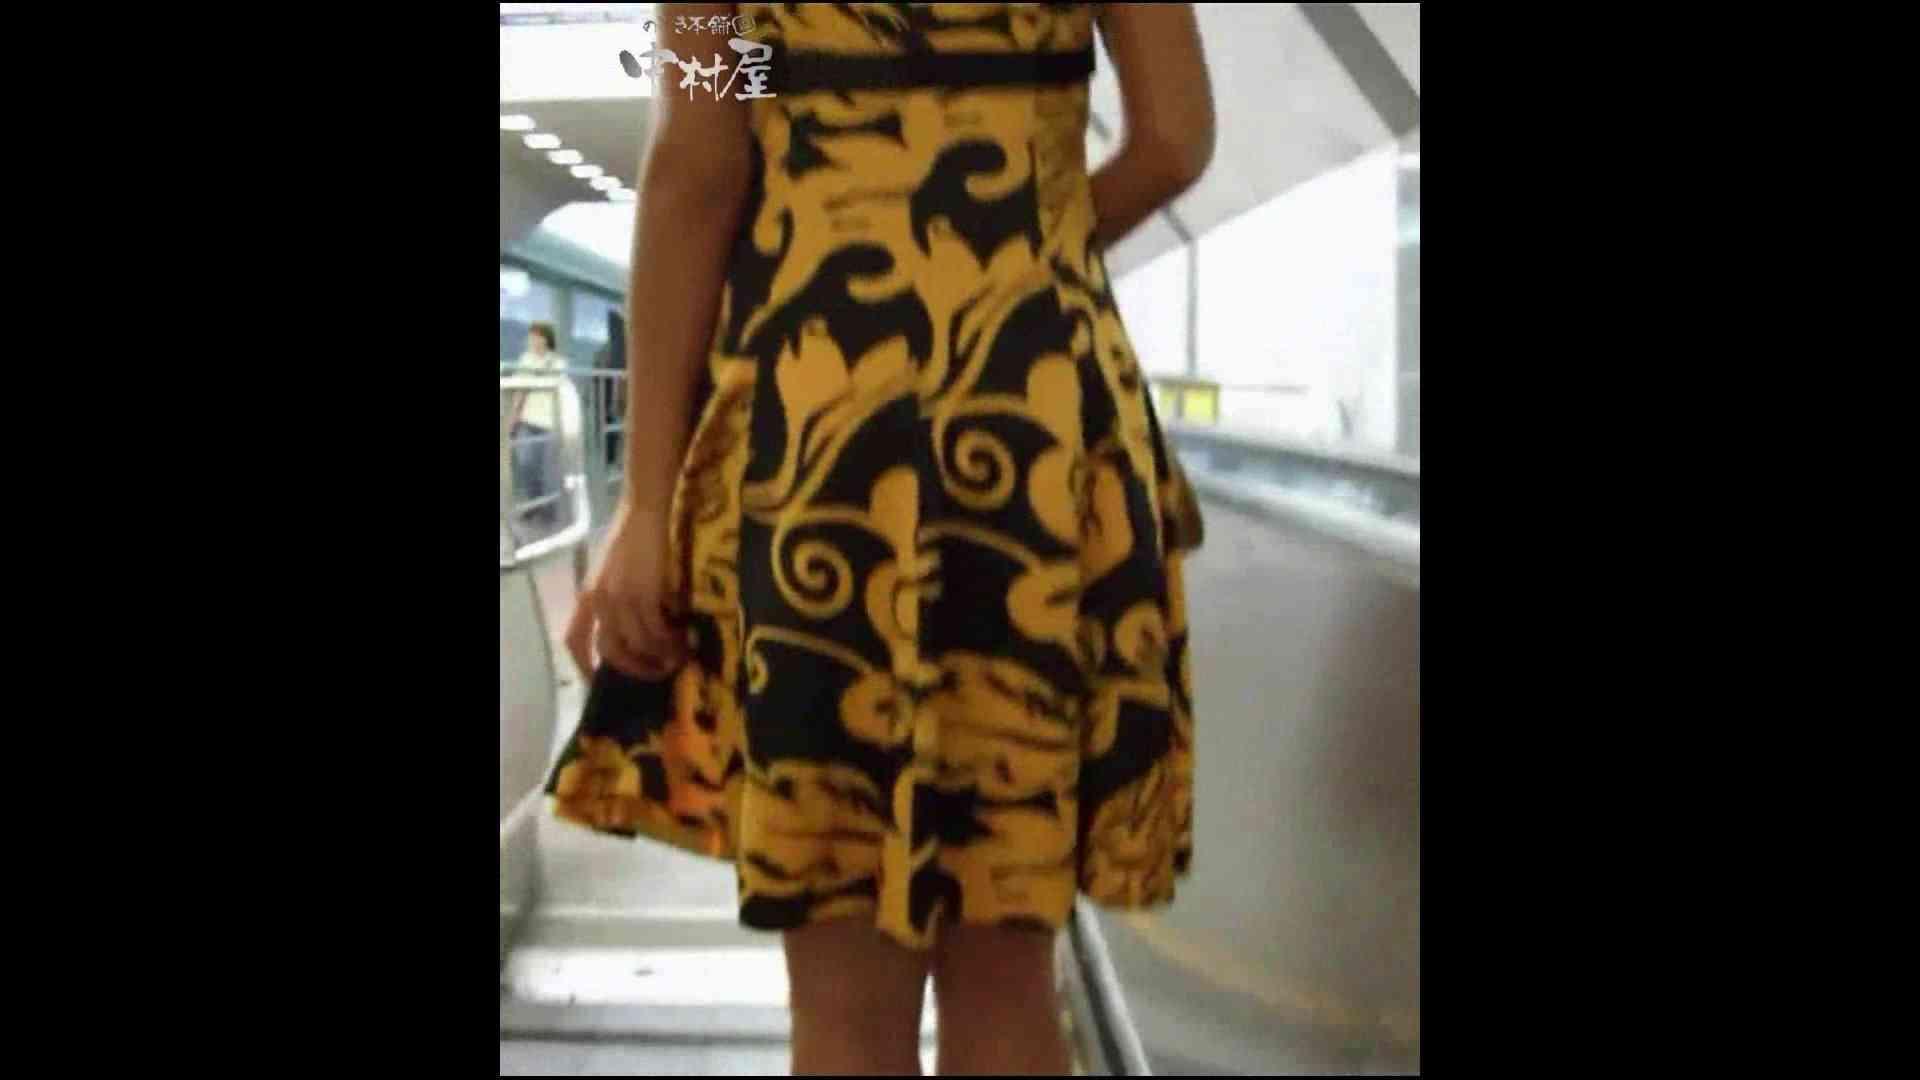 綺麗なモデルさんのスカート捲っちゃおう‼ vol21 OL女体  49連発 46